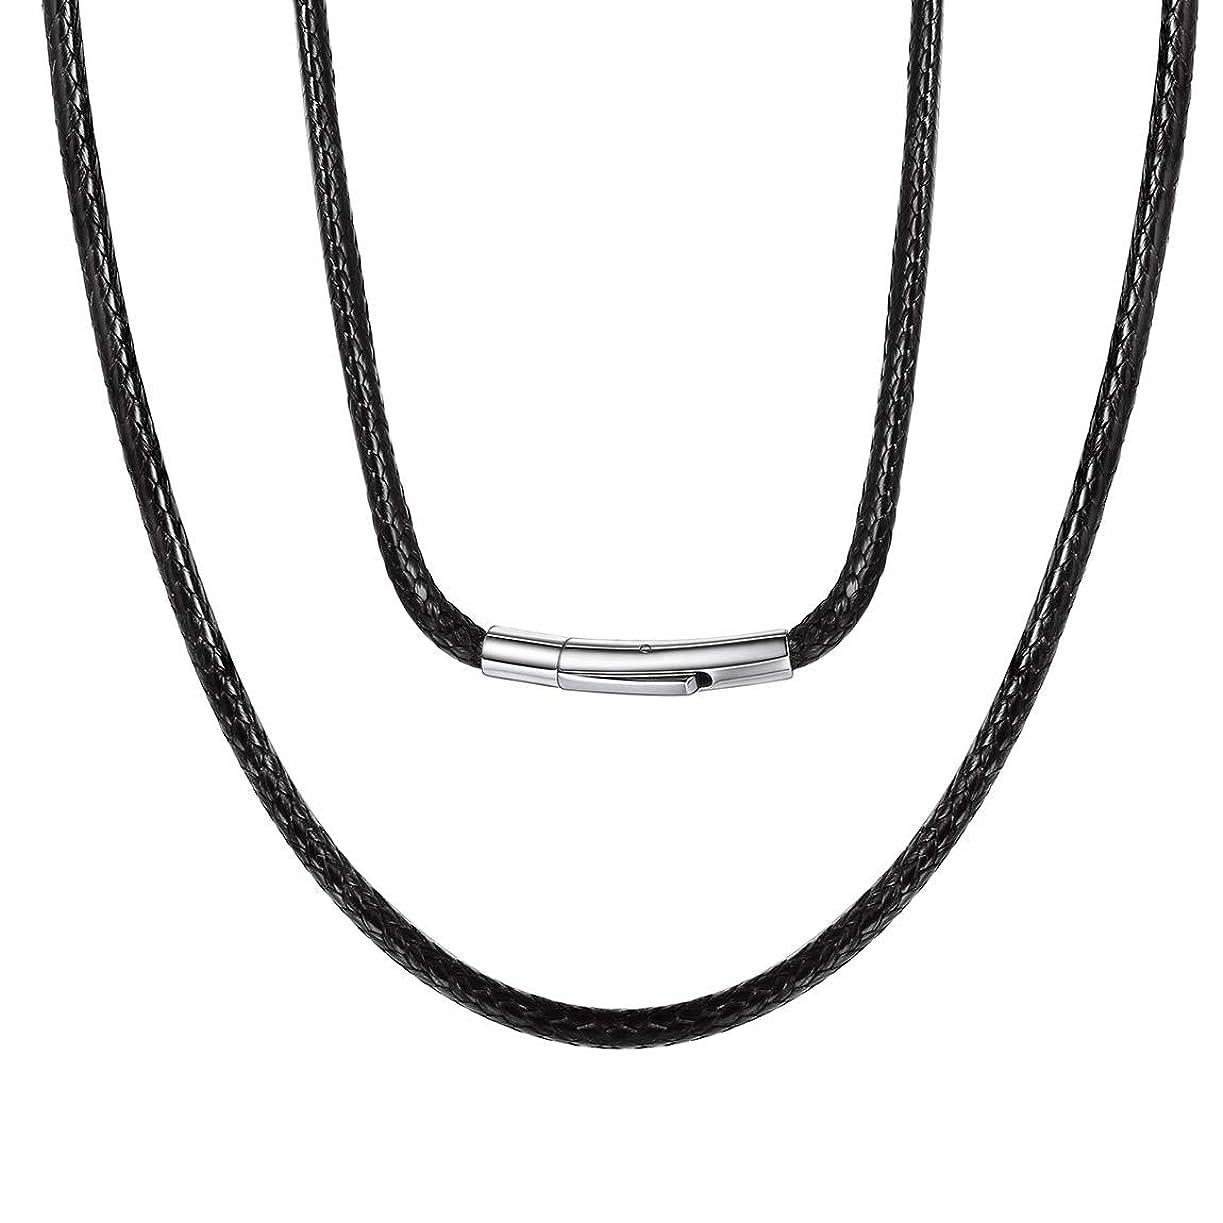 モノグラフ日記手術ChainsPro 幅3mm 45cm チェーン ネックレス メンズ 黒 ブラック チョーカー レディース ワックスコード アクセサリー